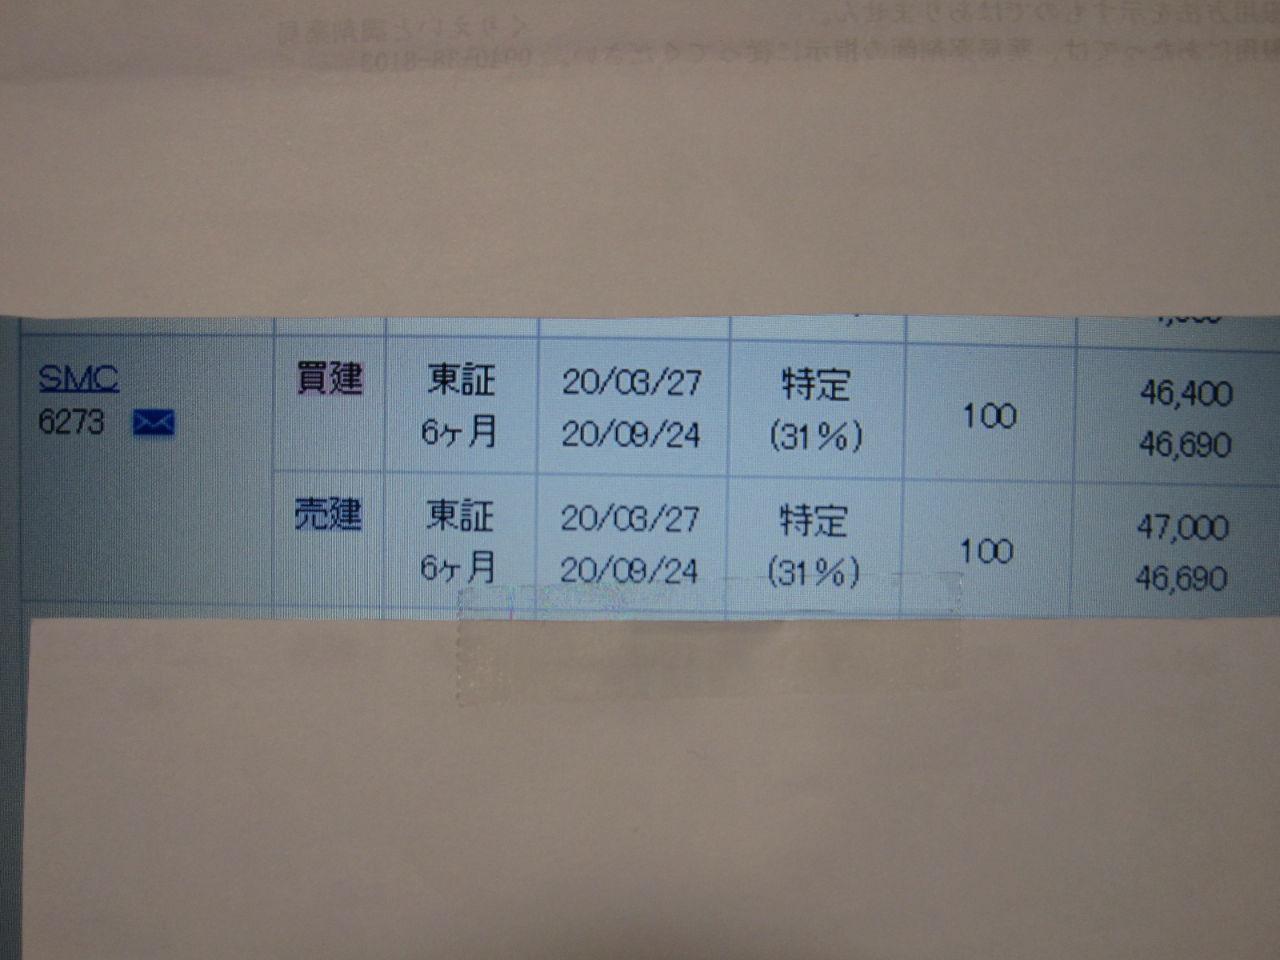 6273 - SMC(株) ありがとうございます(^^) 記念撮影したから見てやってください<(_ _)> もう46